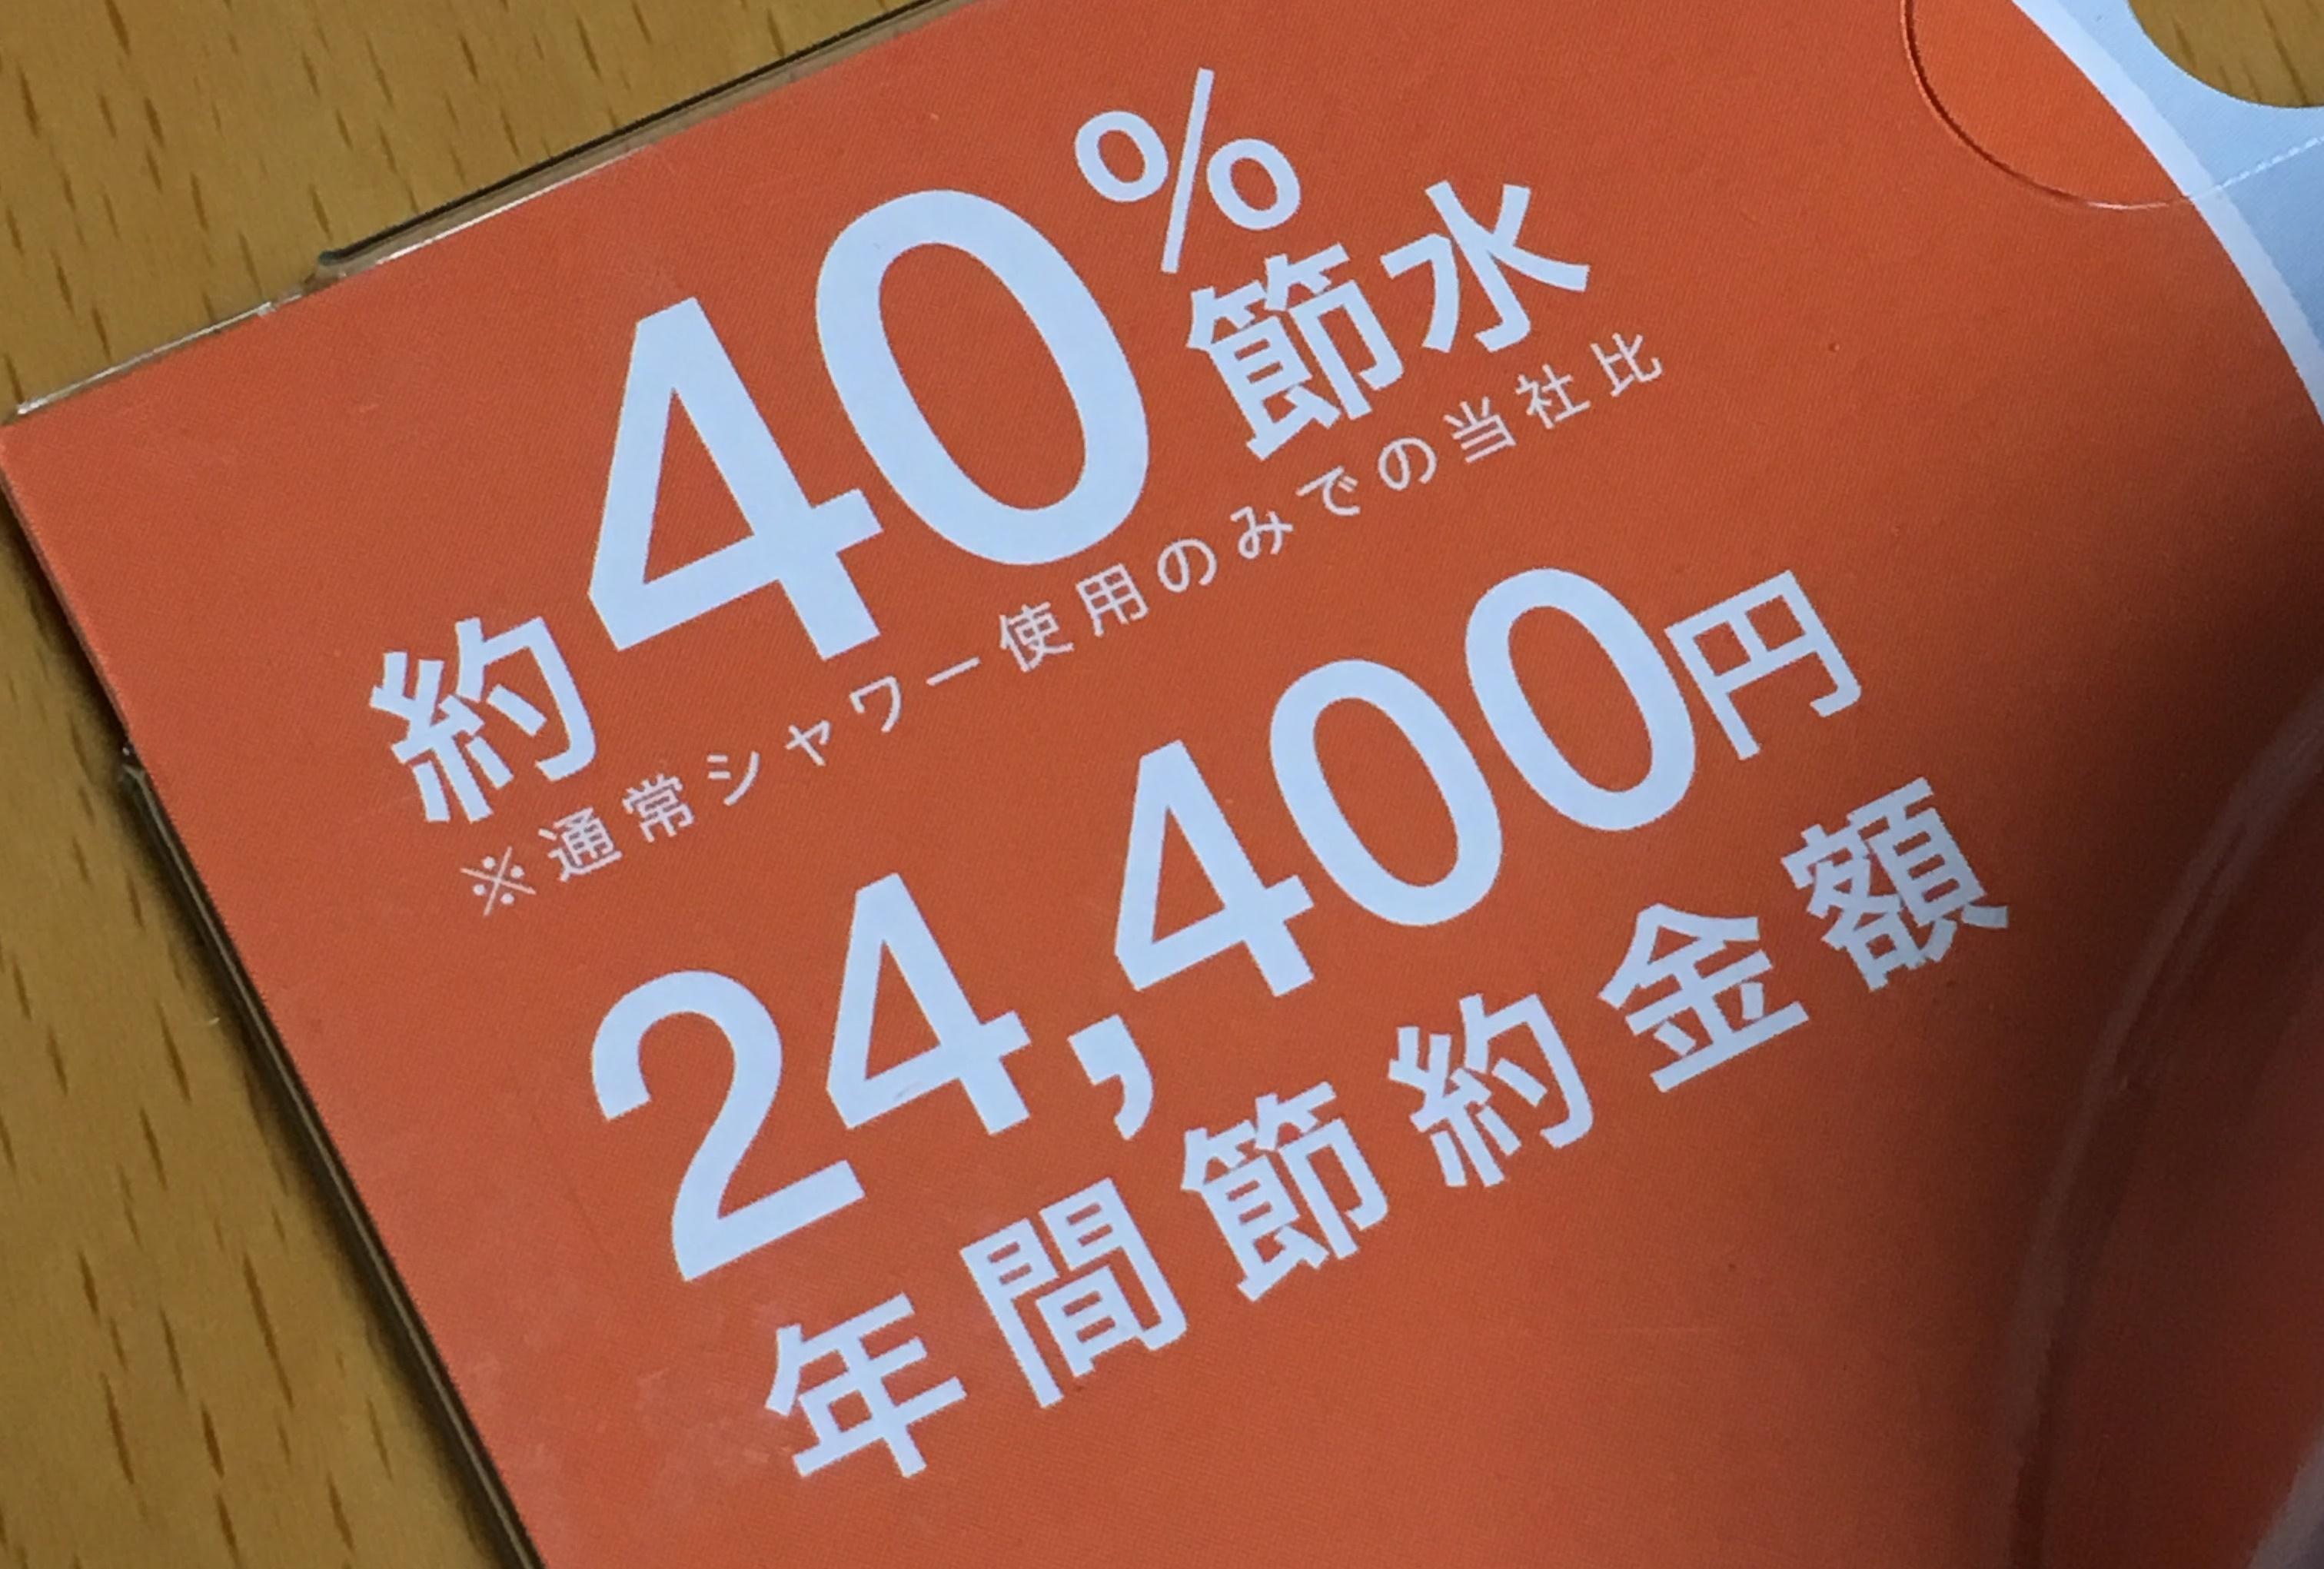 【新生活必見】シャワーヘッドを変えて年間24400円の節約!? たった3分で取付け完了。早くやることをオススメ・・・!